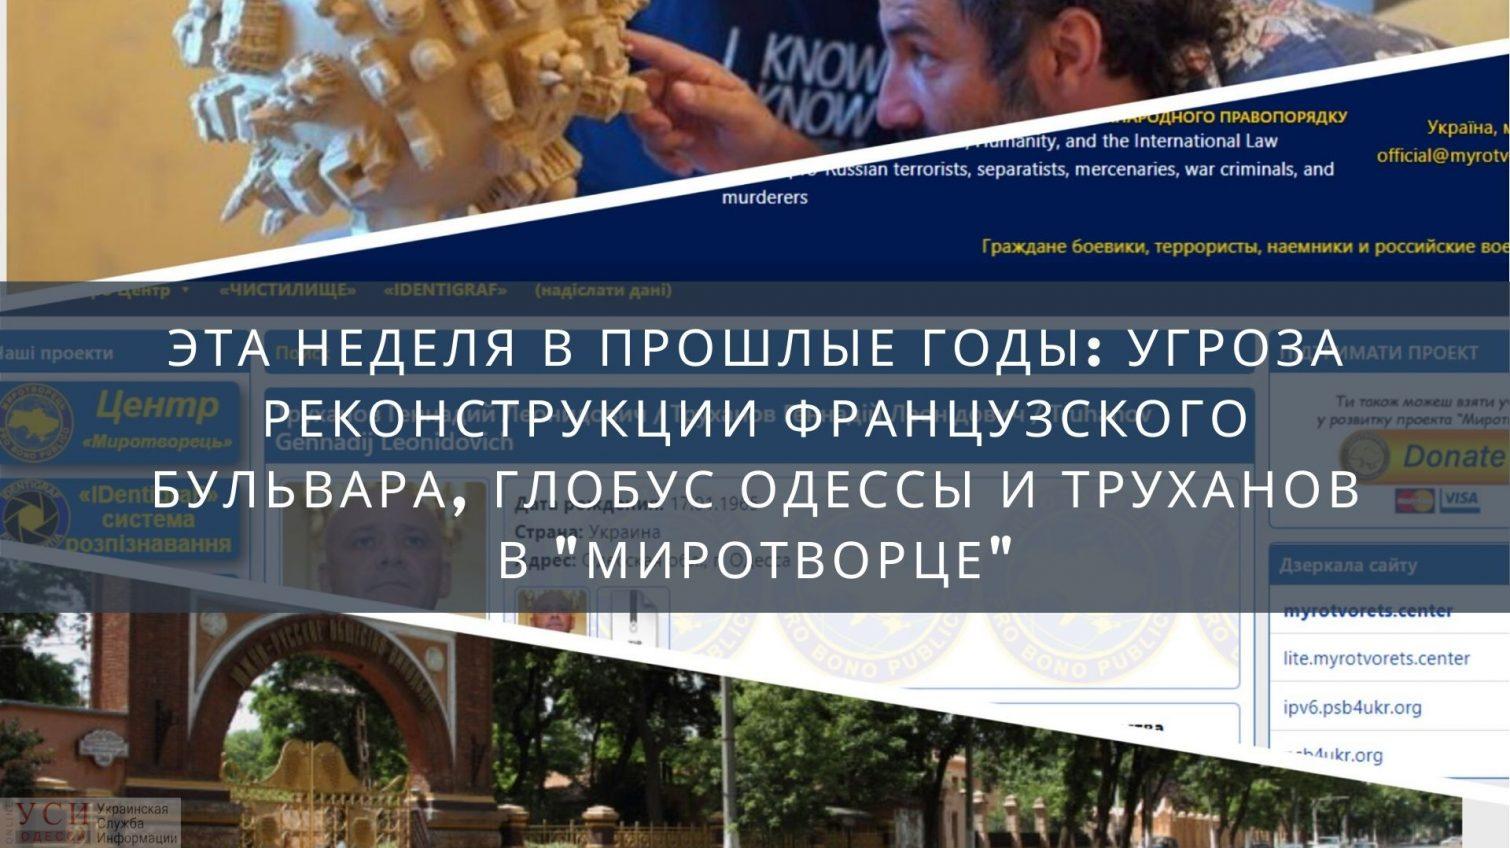 Эта неделя в прошлые годы: угроза реконструкции Французского бульвара, глобус Одессы и Труханов в «Миротворце» «фото»